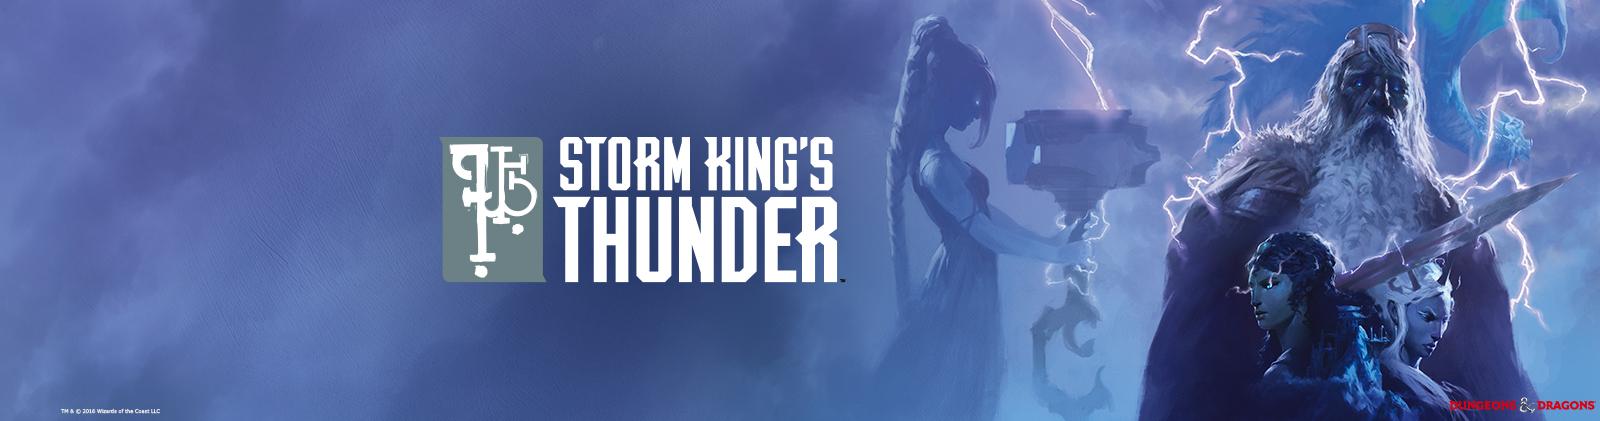 Storm king s thunder banner